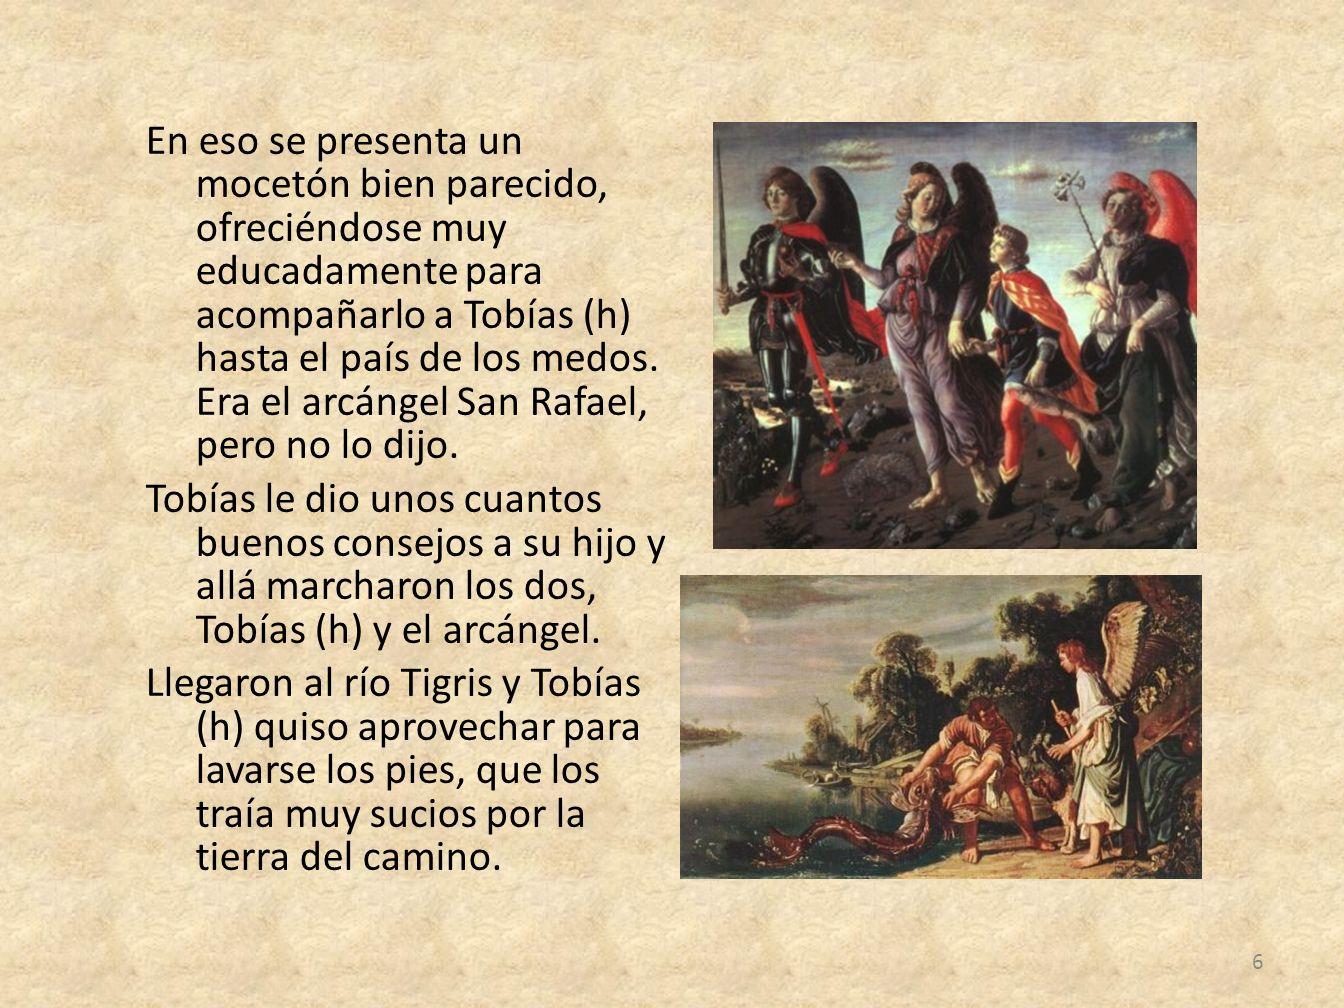 En eso se presenta un mocetón bien parecido, ofreciéndose muy educadamente para acompañarlo a Tobías (h) hasta el país de los medos.